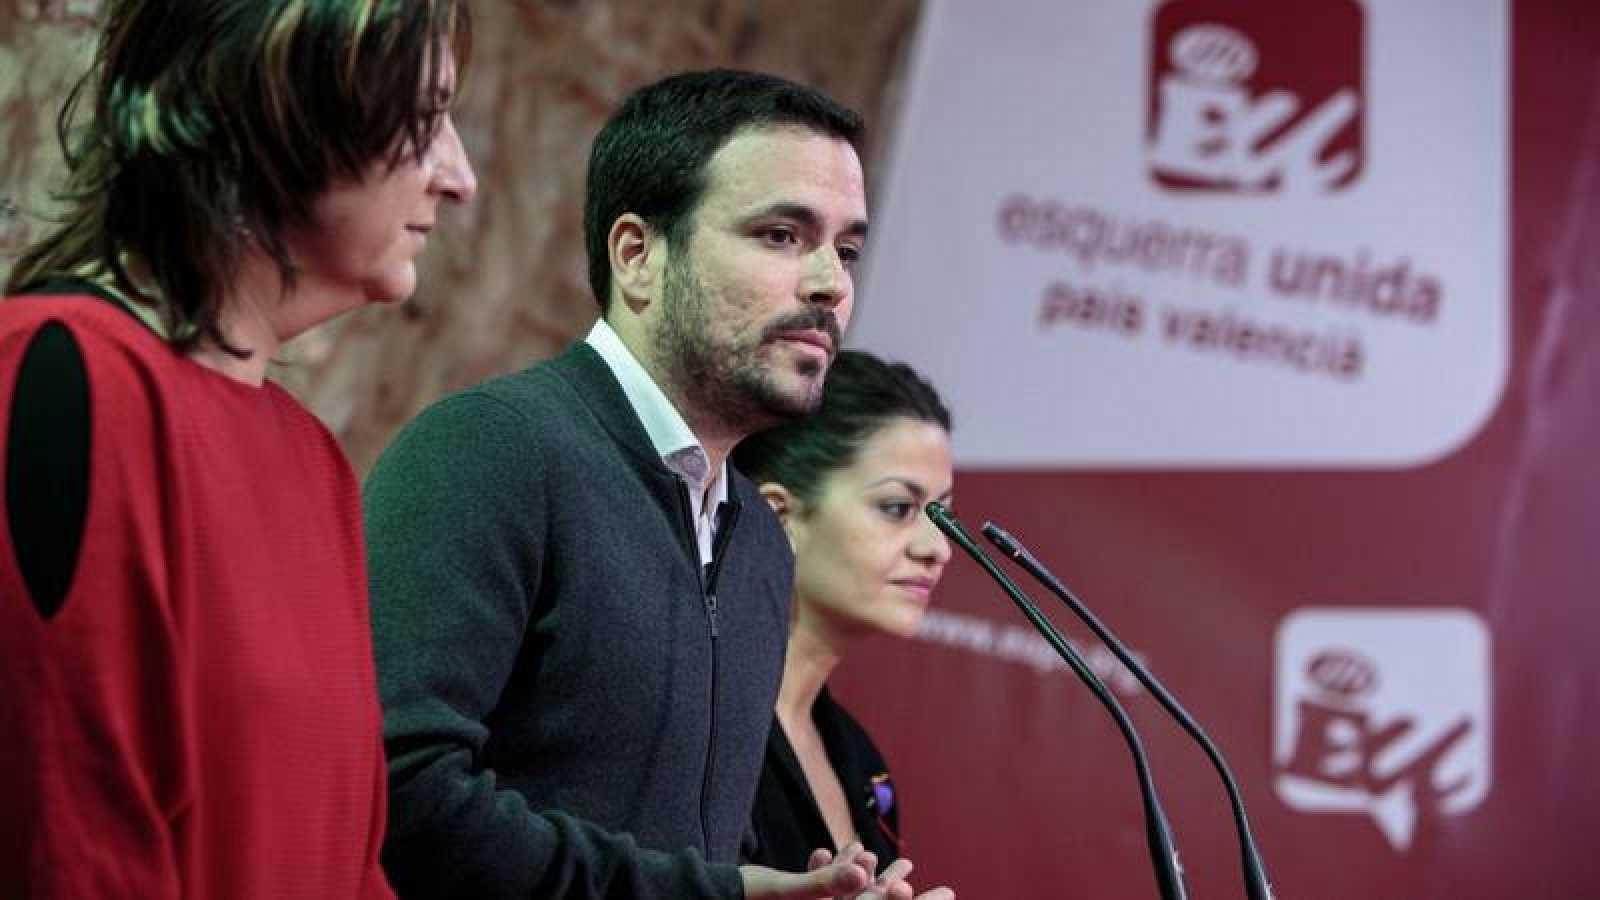 El coordinador federal de Izquierda Unida, Alberto Garzón, en una imagen de archivo